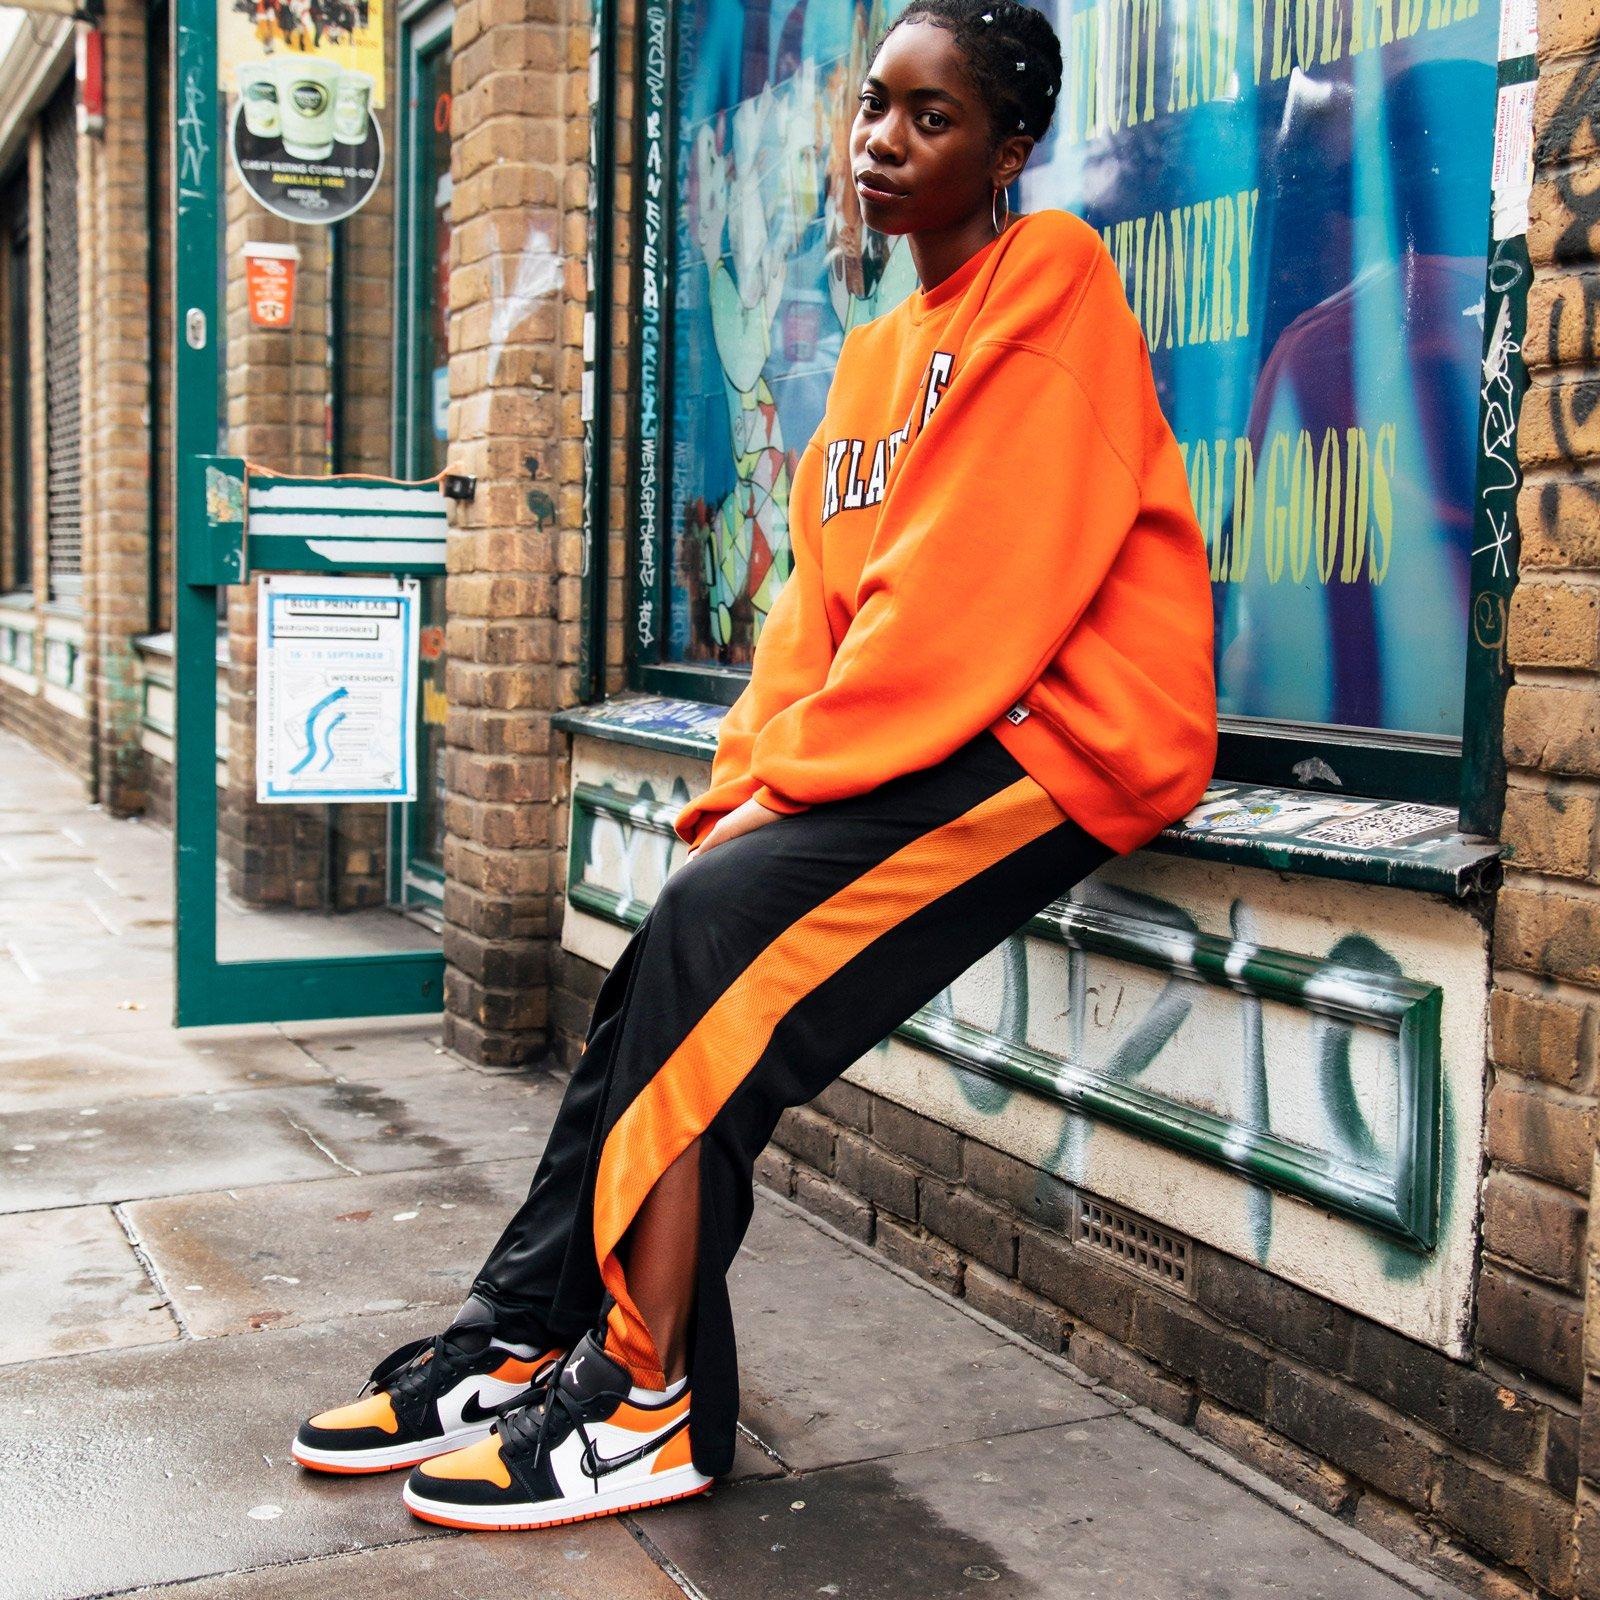 Jordan Brand Air Jordan 1 Low (GS) - 553560-128 - SNS | sneakers ...